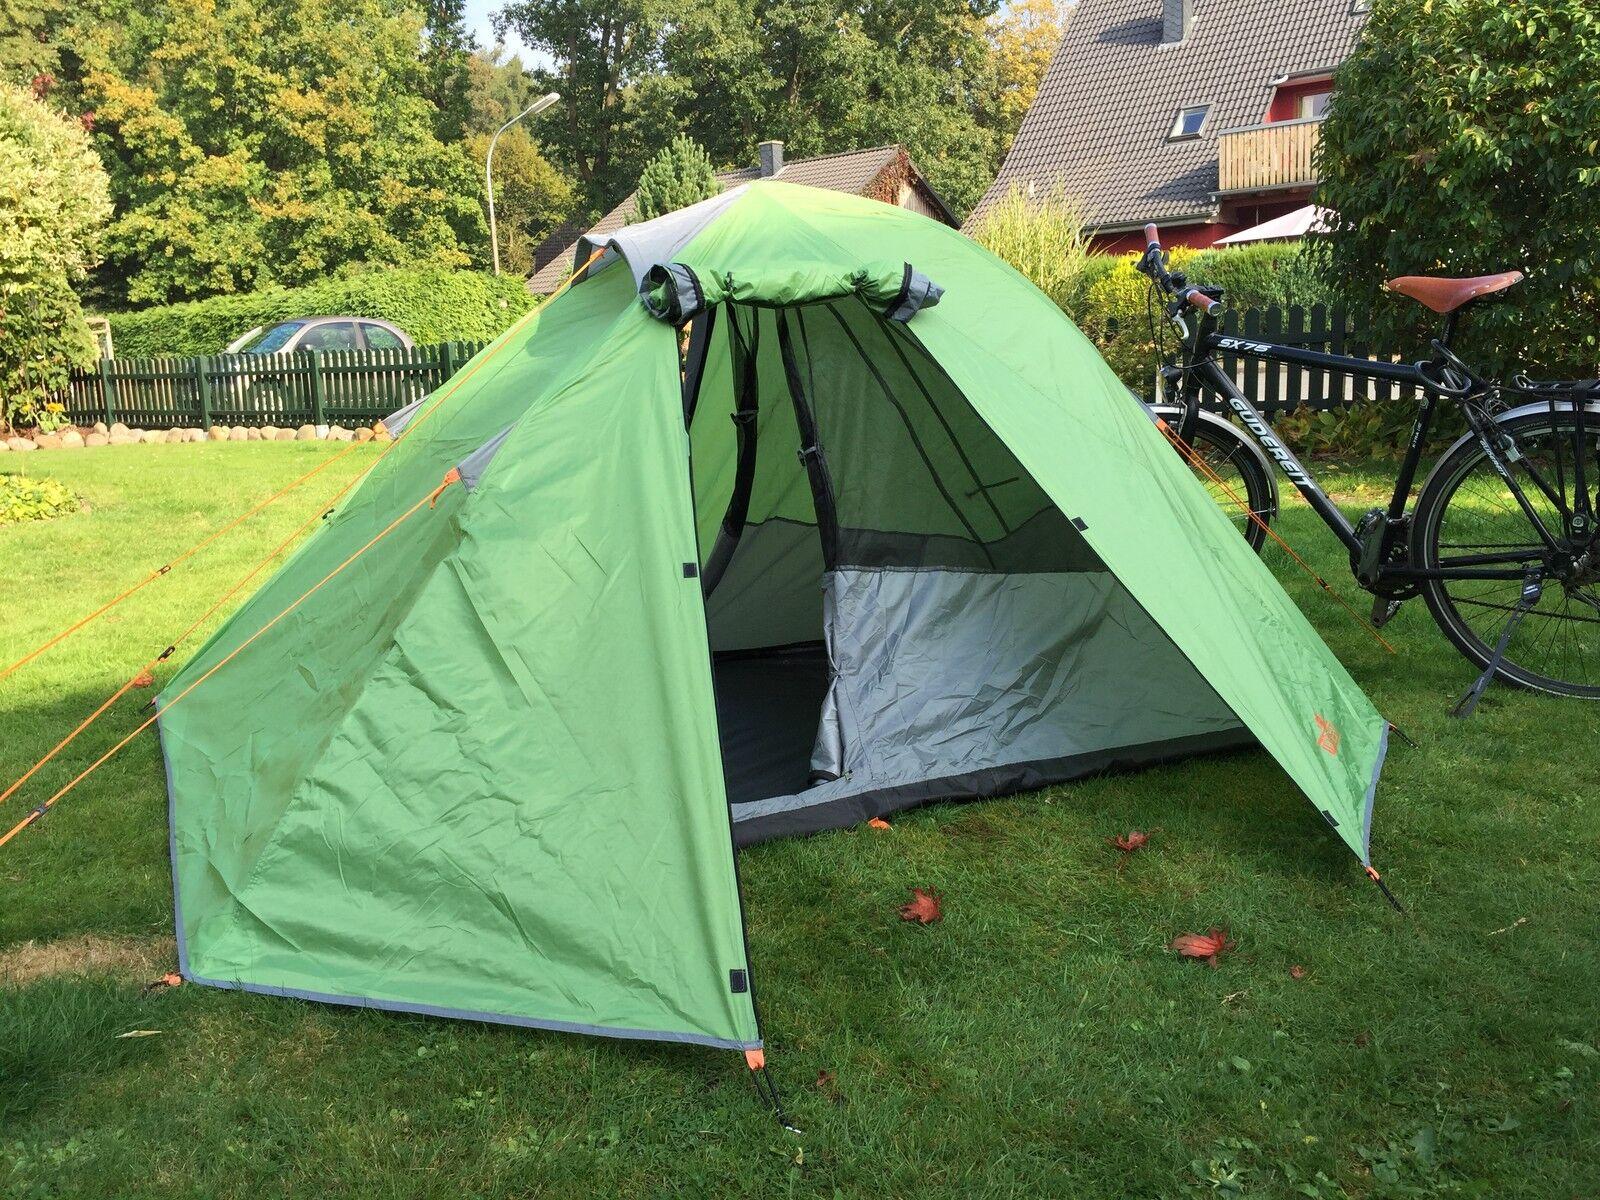 Zelt 2 Personen Leicht Kleines Packmaß : Leicht zelt personen trekking camping kleines packmaß